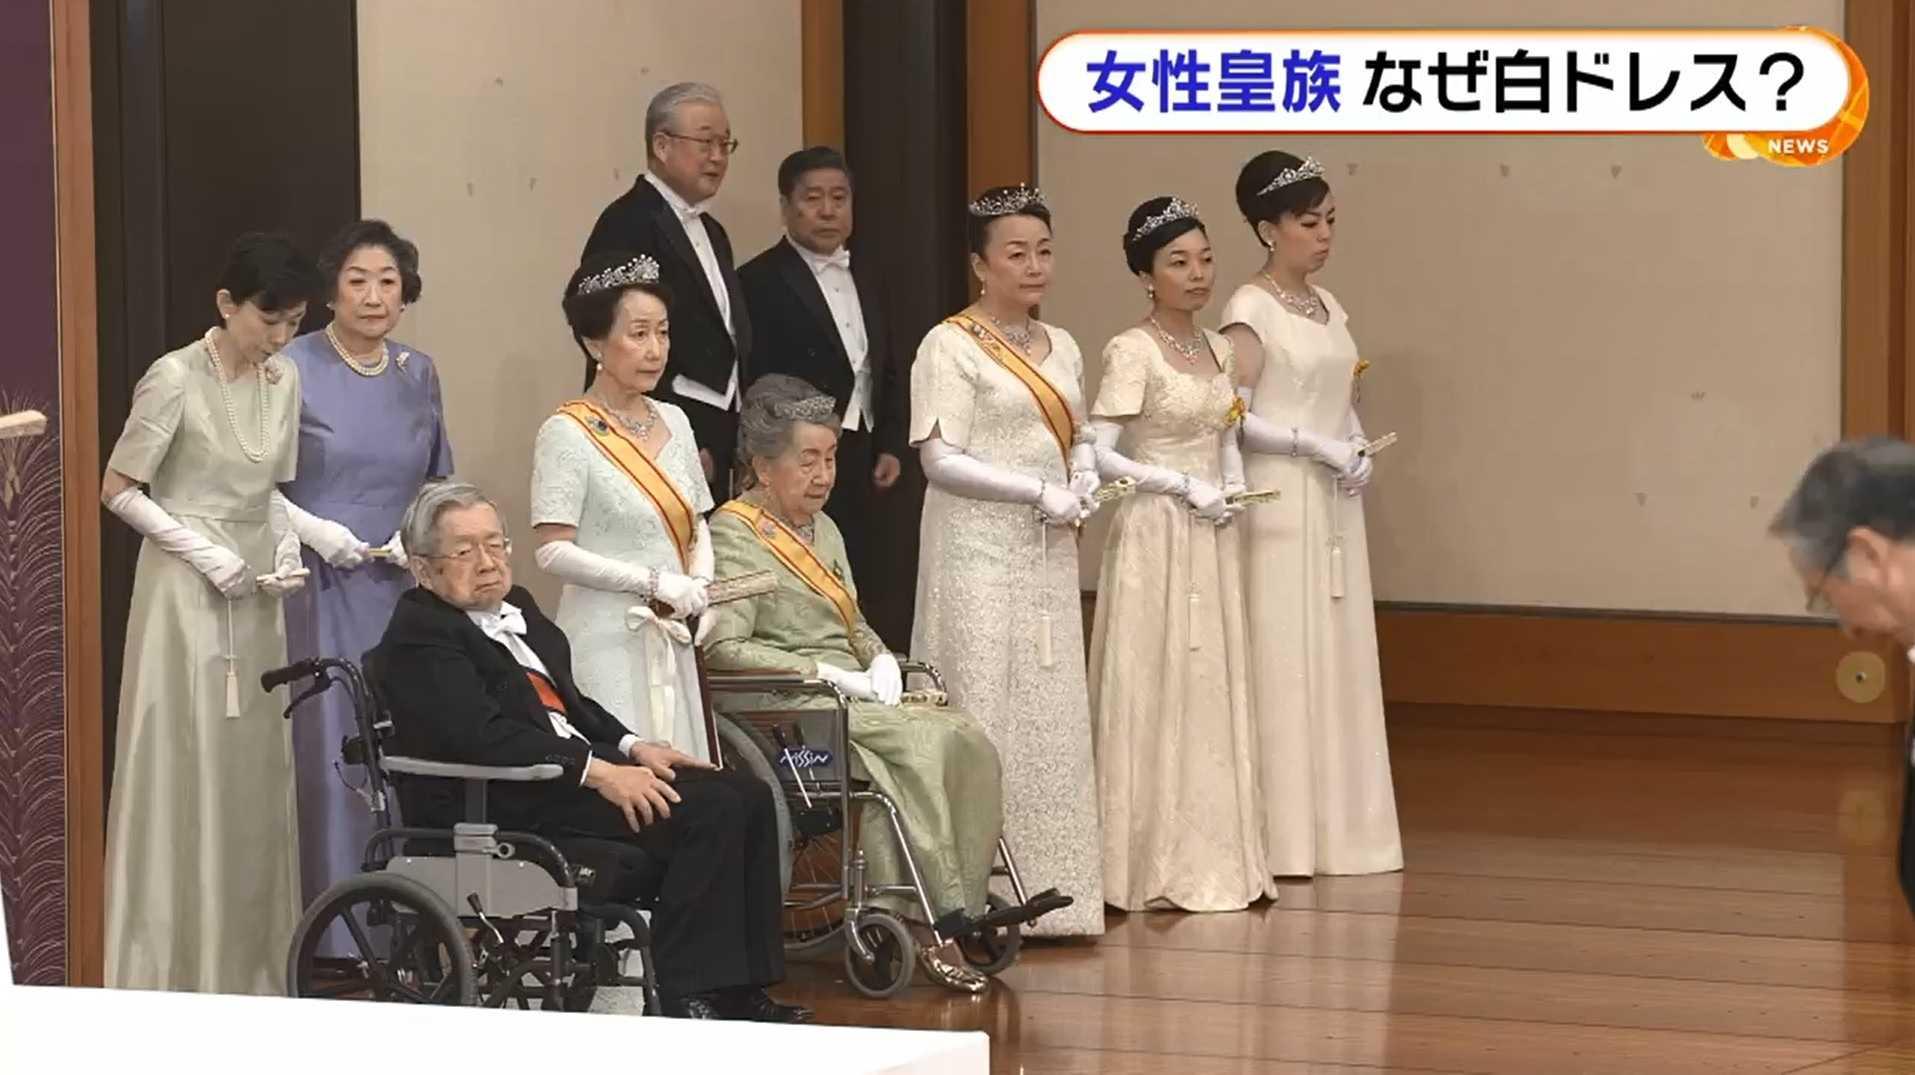 女性皇族はなぜ白いドレス? 実は細かな違いに現れる心遣いを徹底解説